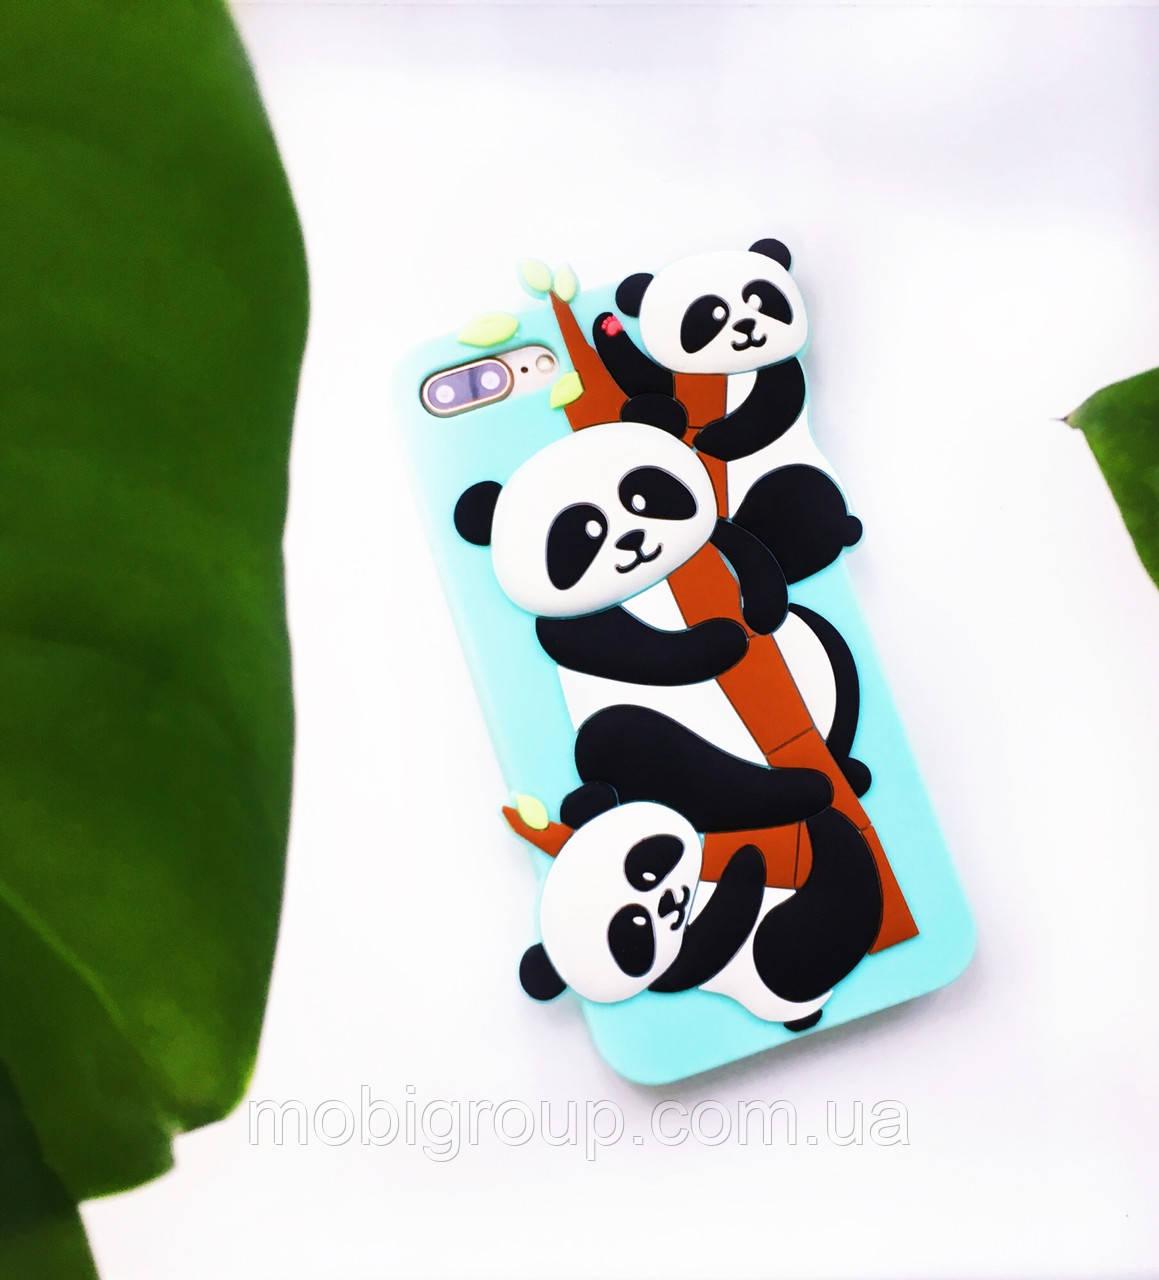 Силиконовый чехол Панда для iPhone 8 Plus